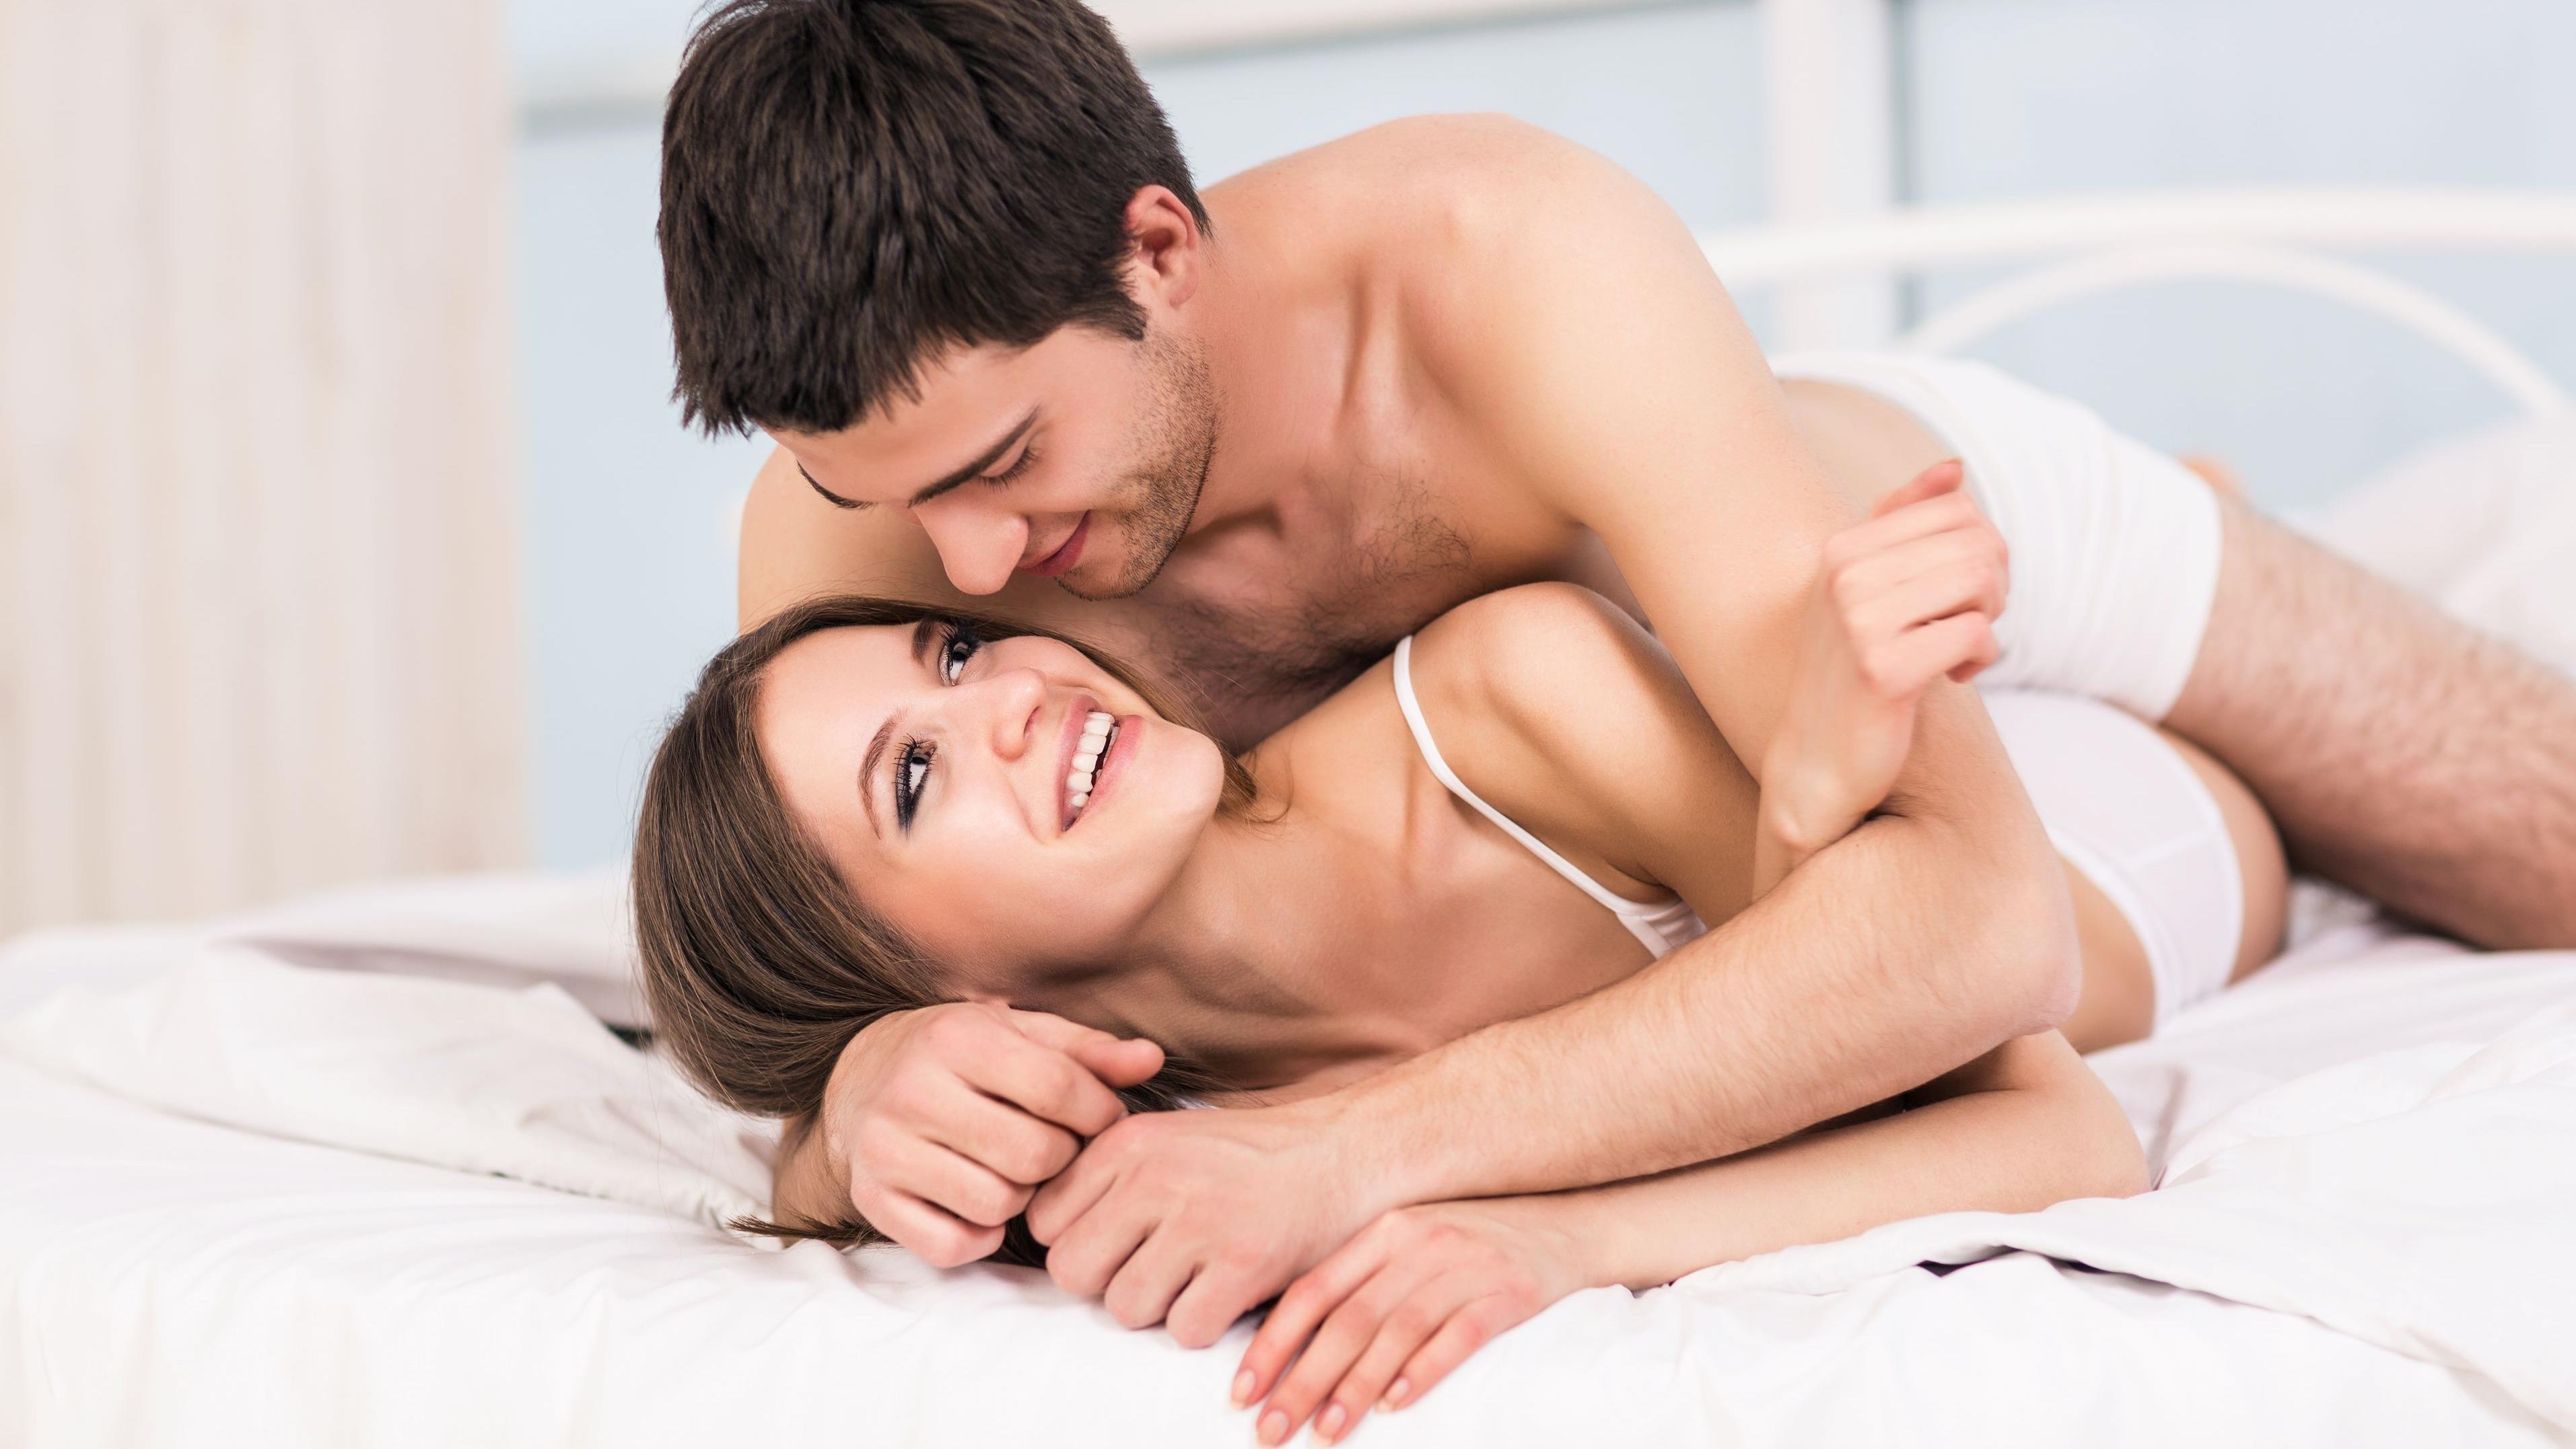 bleach hentai filmy porno